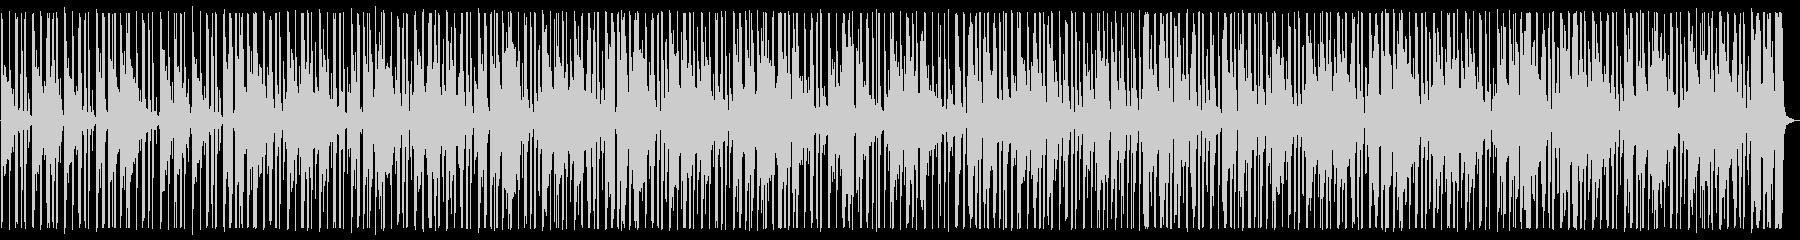 冬/切ない/R&B_No483_1の未再生の波形